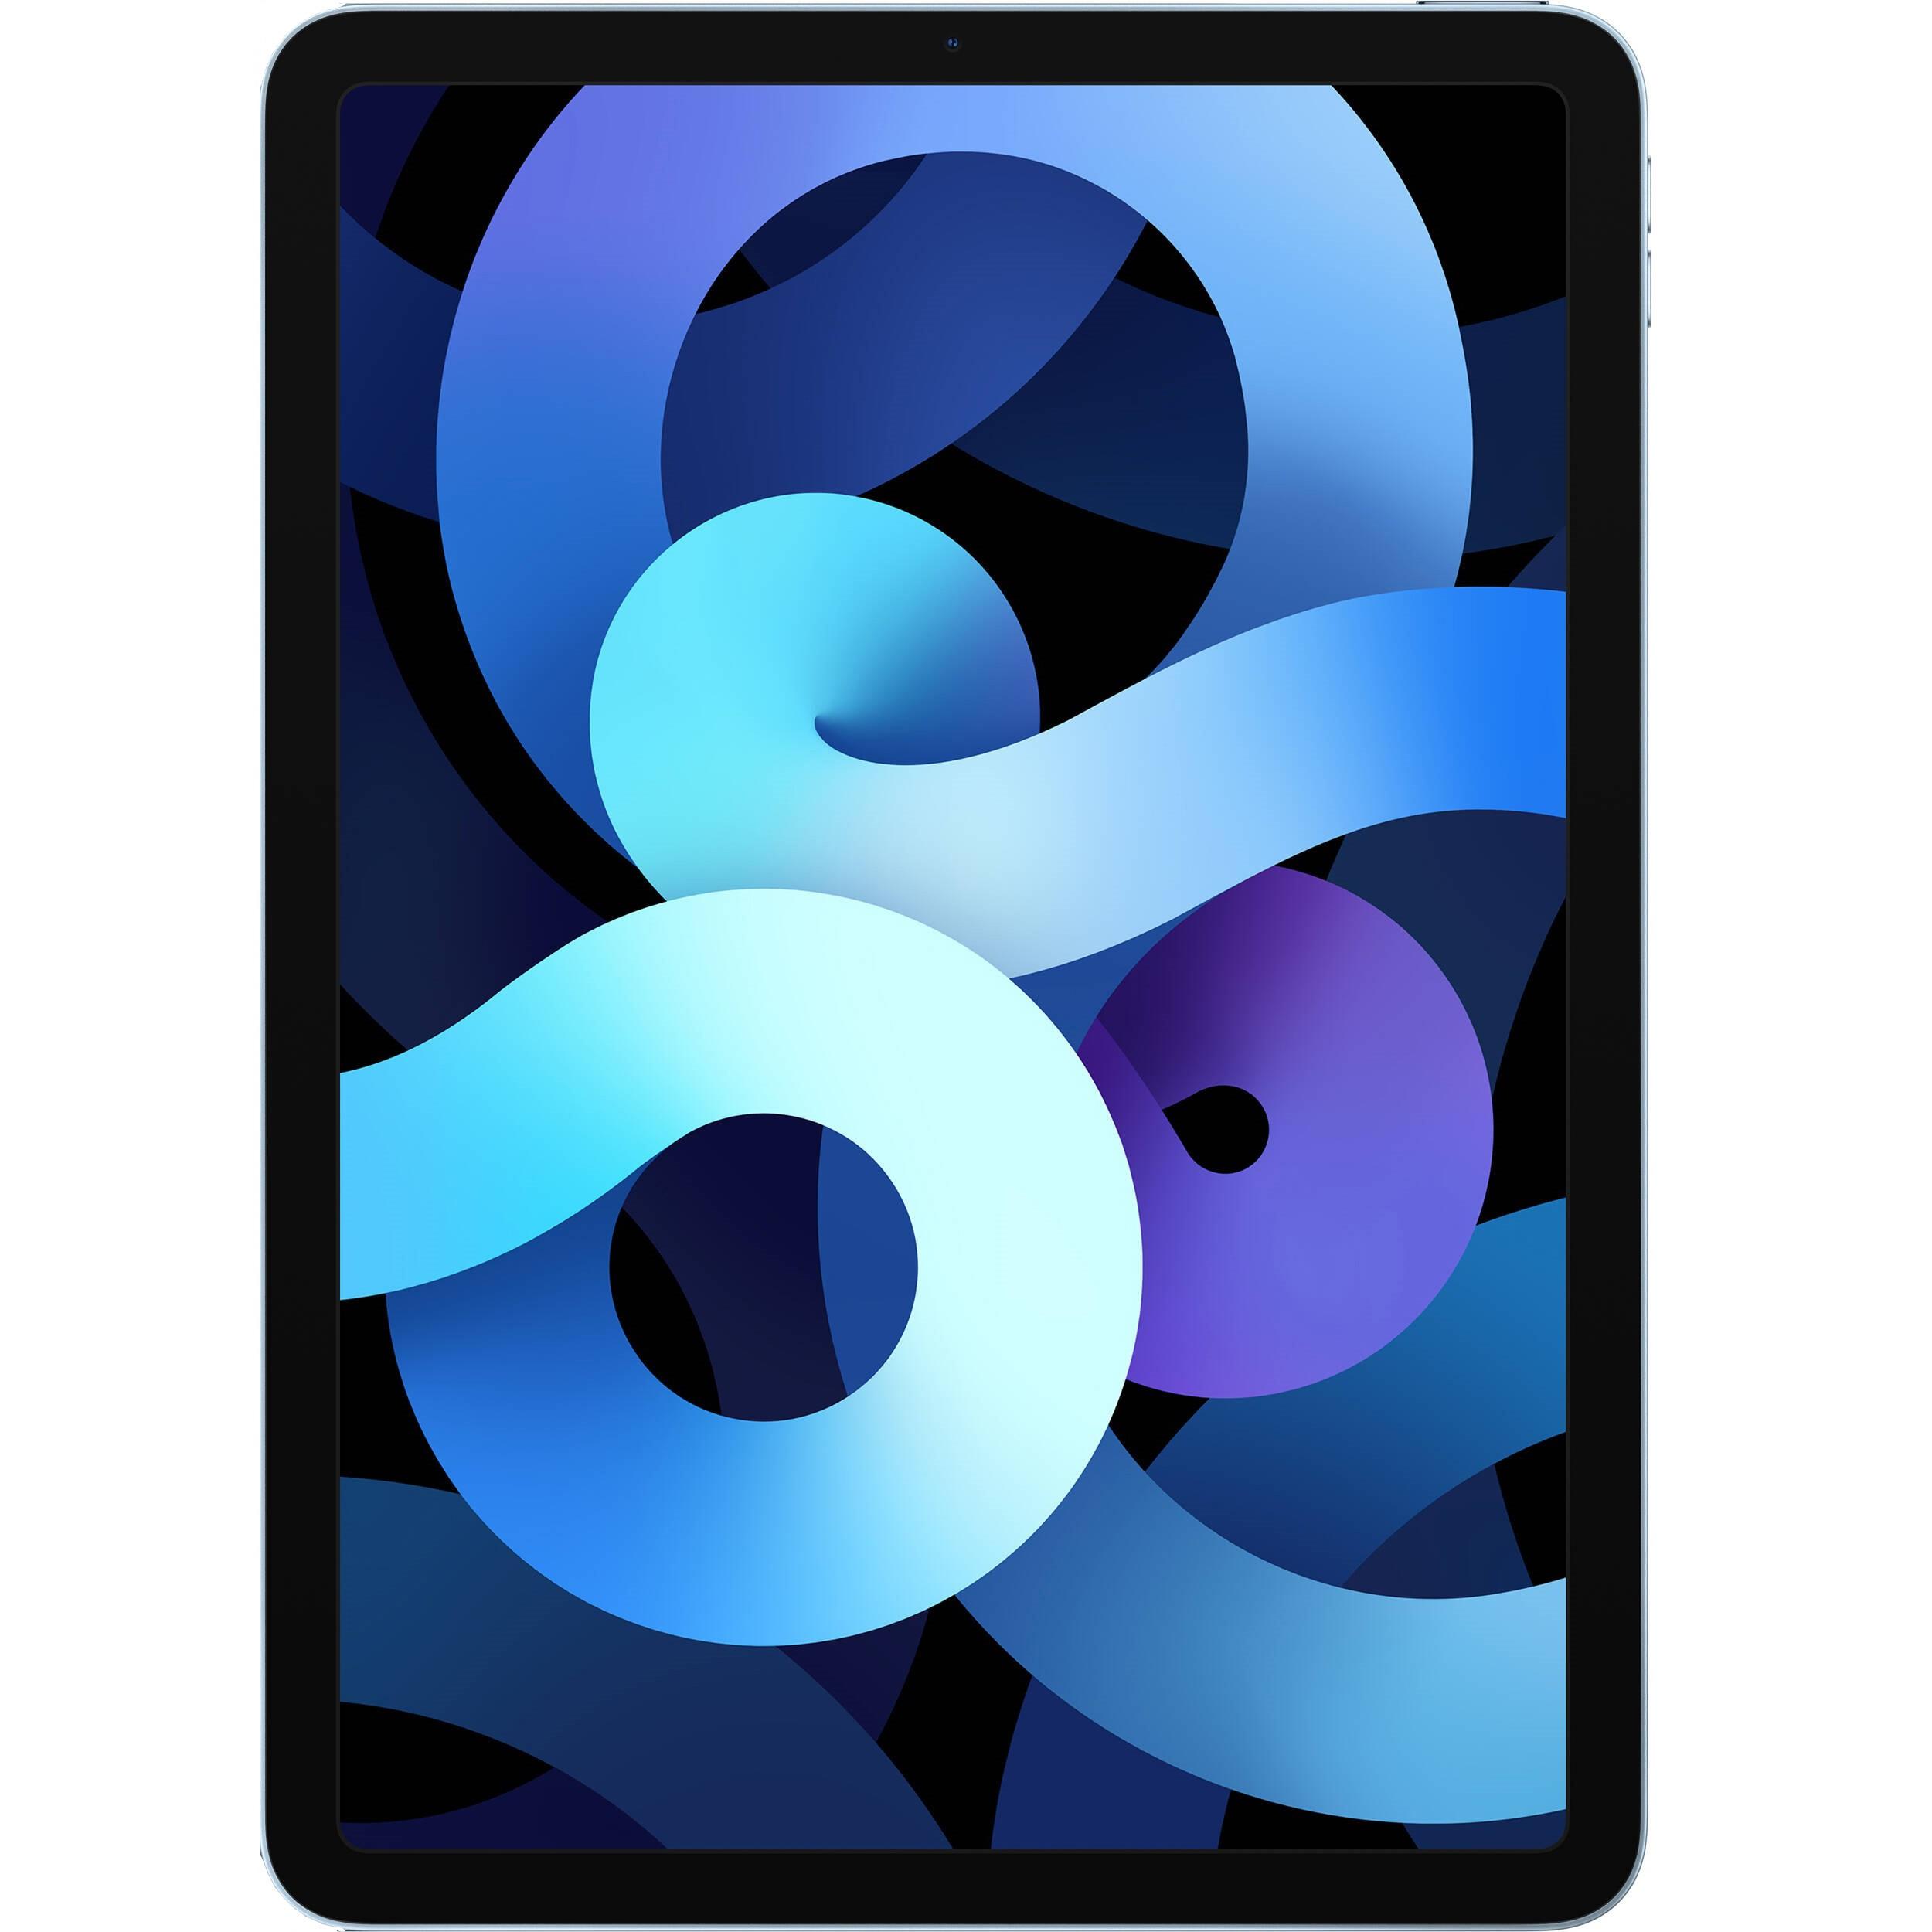 فروش نقدی و اقساطی تبلت اپل مدل iPad Air 10.9 inch 2020 WiFi ظرفیت 256 گیگابایت